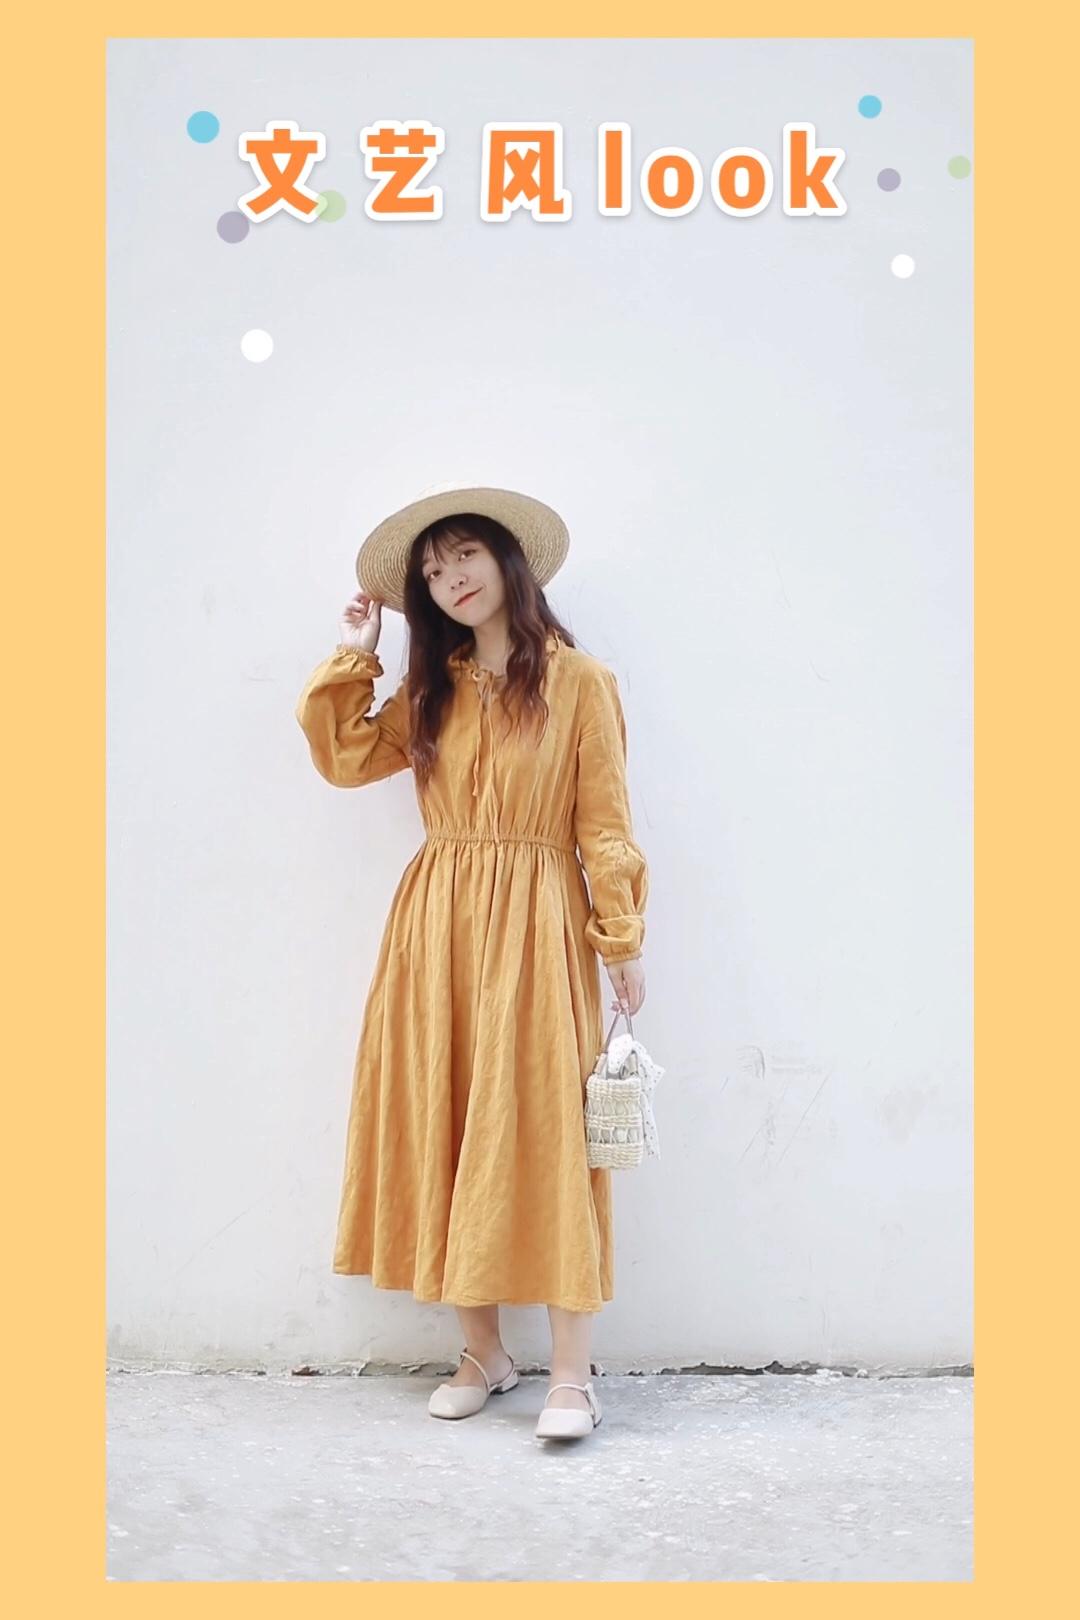 #十分甜の小个子少女感# 文艺又甜美的小裙子 黄色显白的同时 也给人明媚的感觉 敲适合夏天啦 泡泡袖可以完美遮手臂上的肉肉 花边领口也衬托人更甜喔